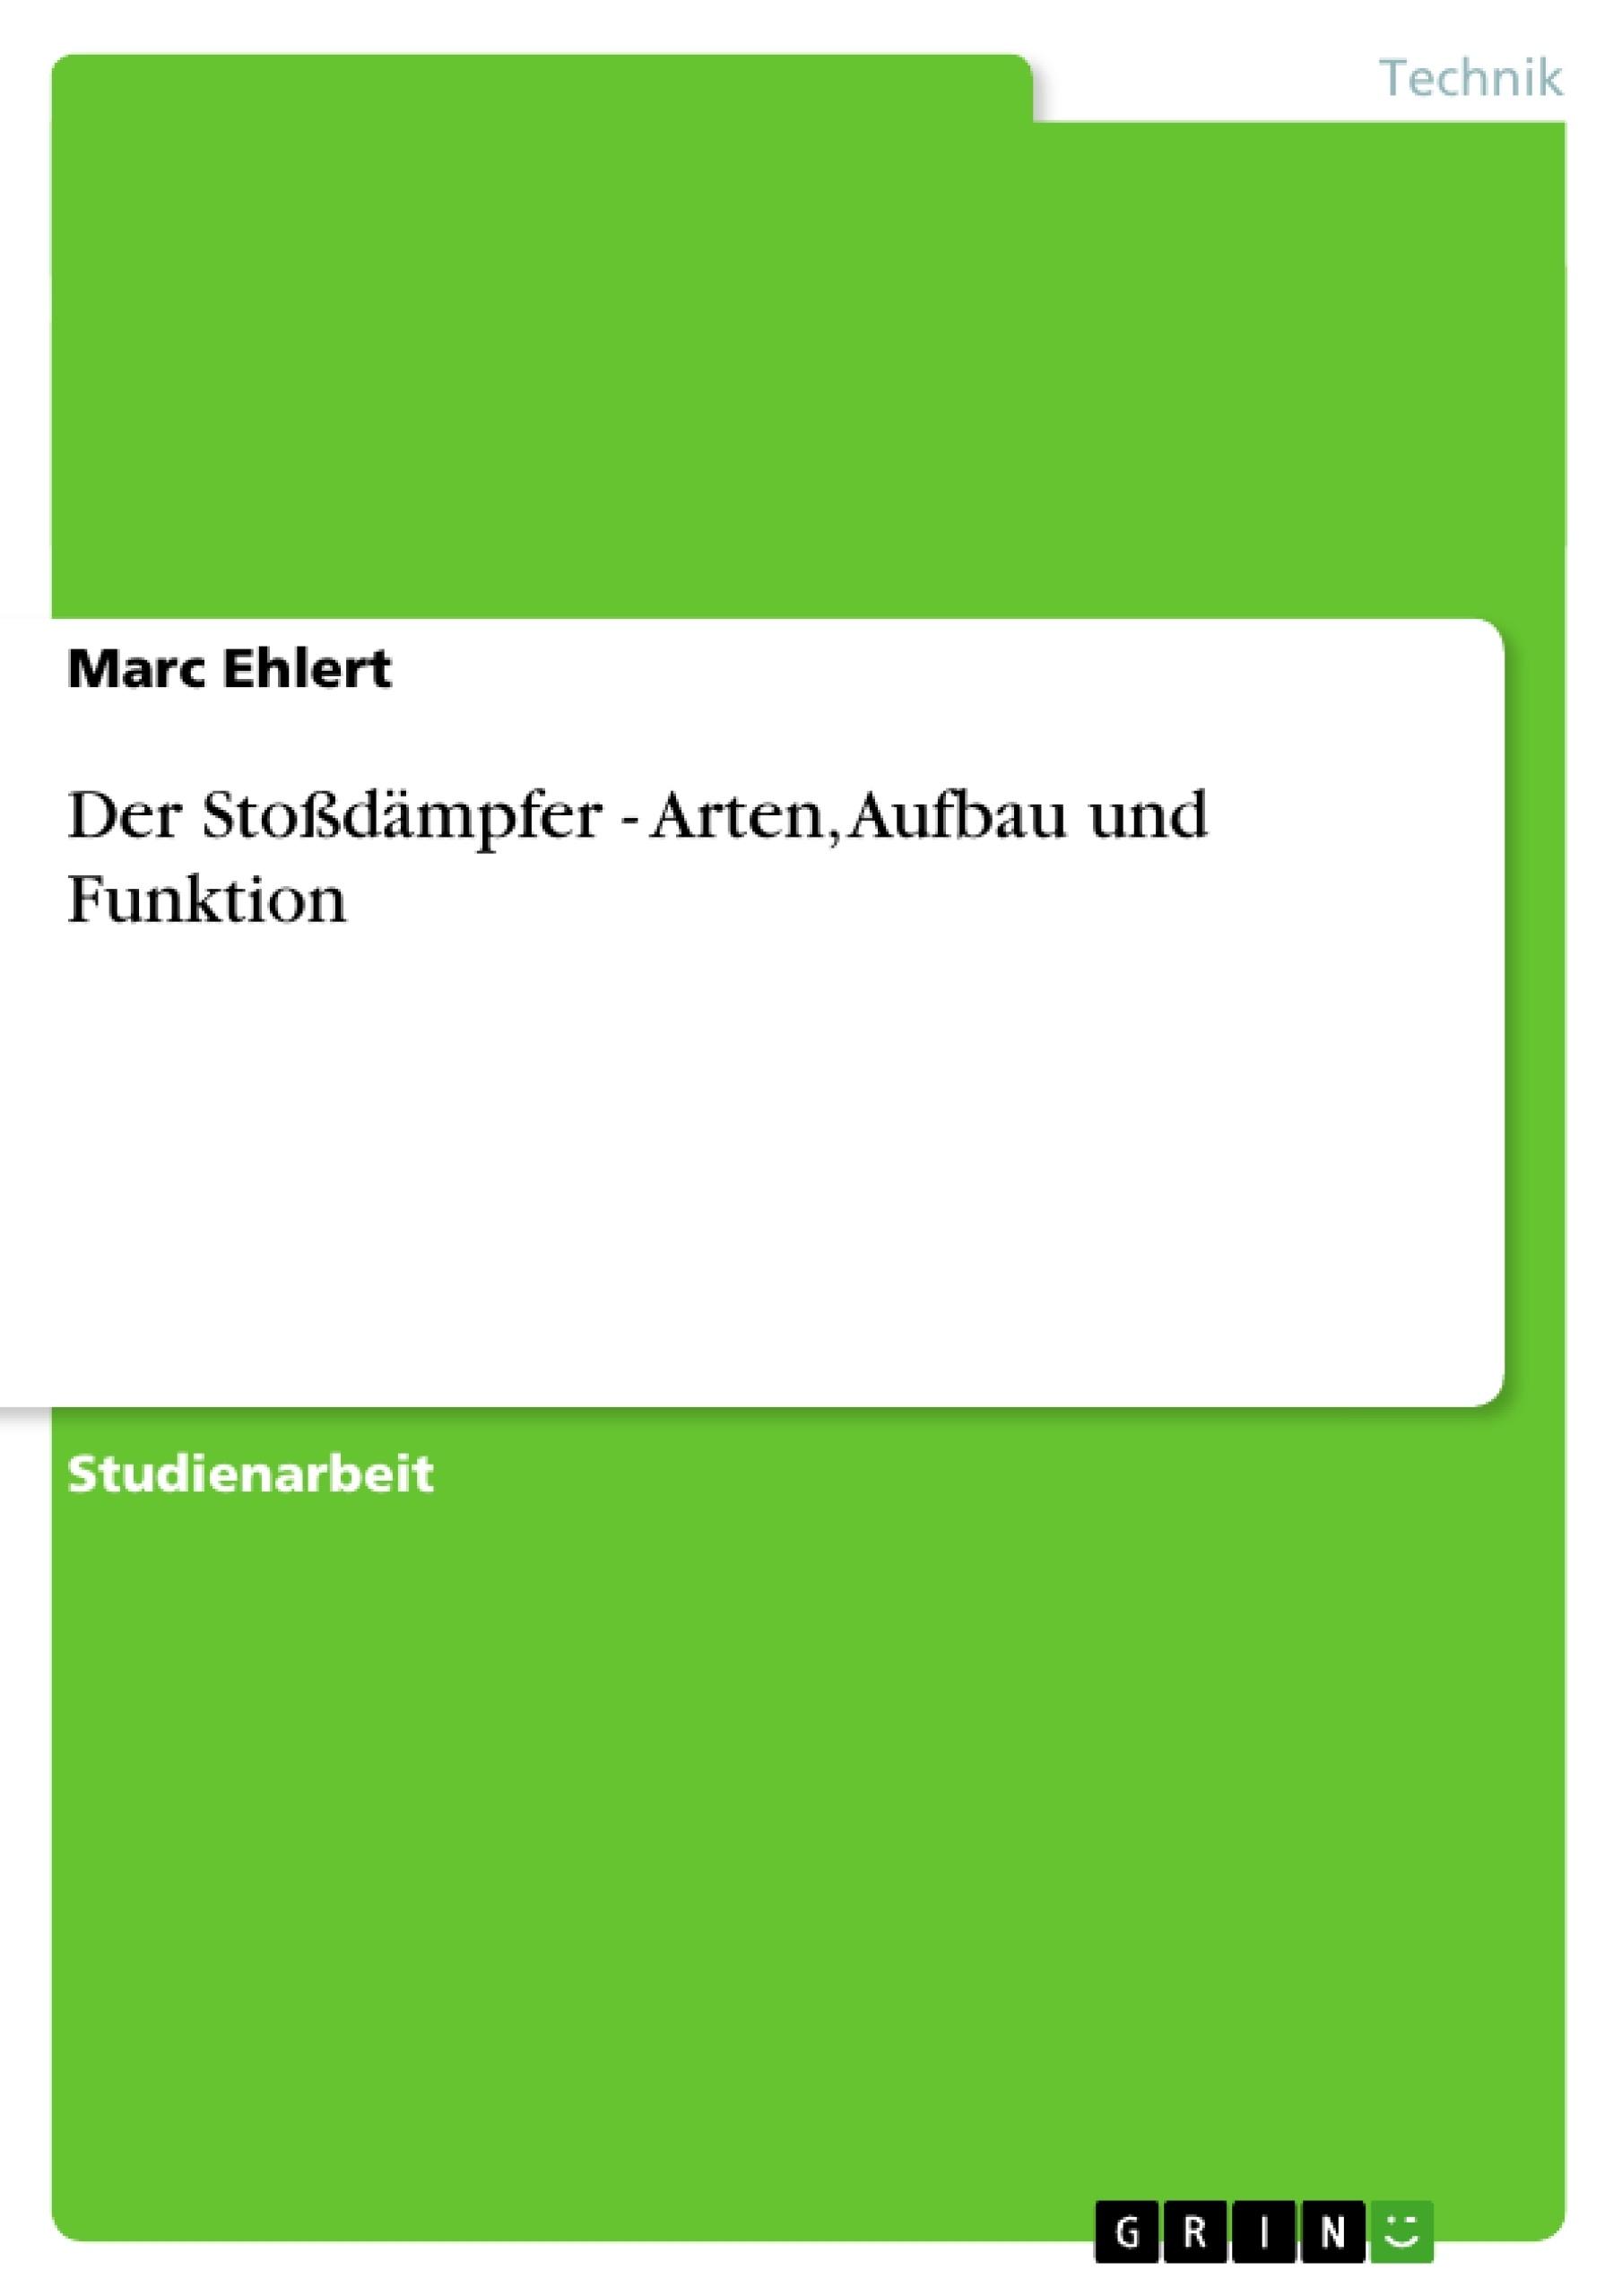 Titel: Der Stoßdämpfer - Arten, Aufbau und Funktion